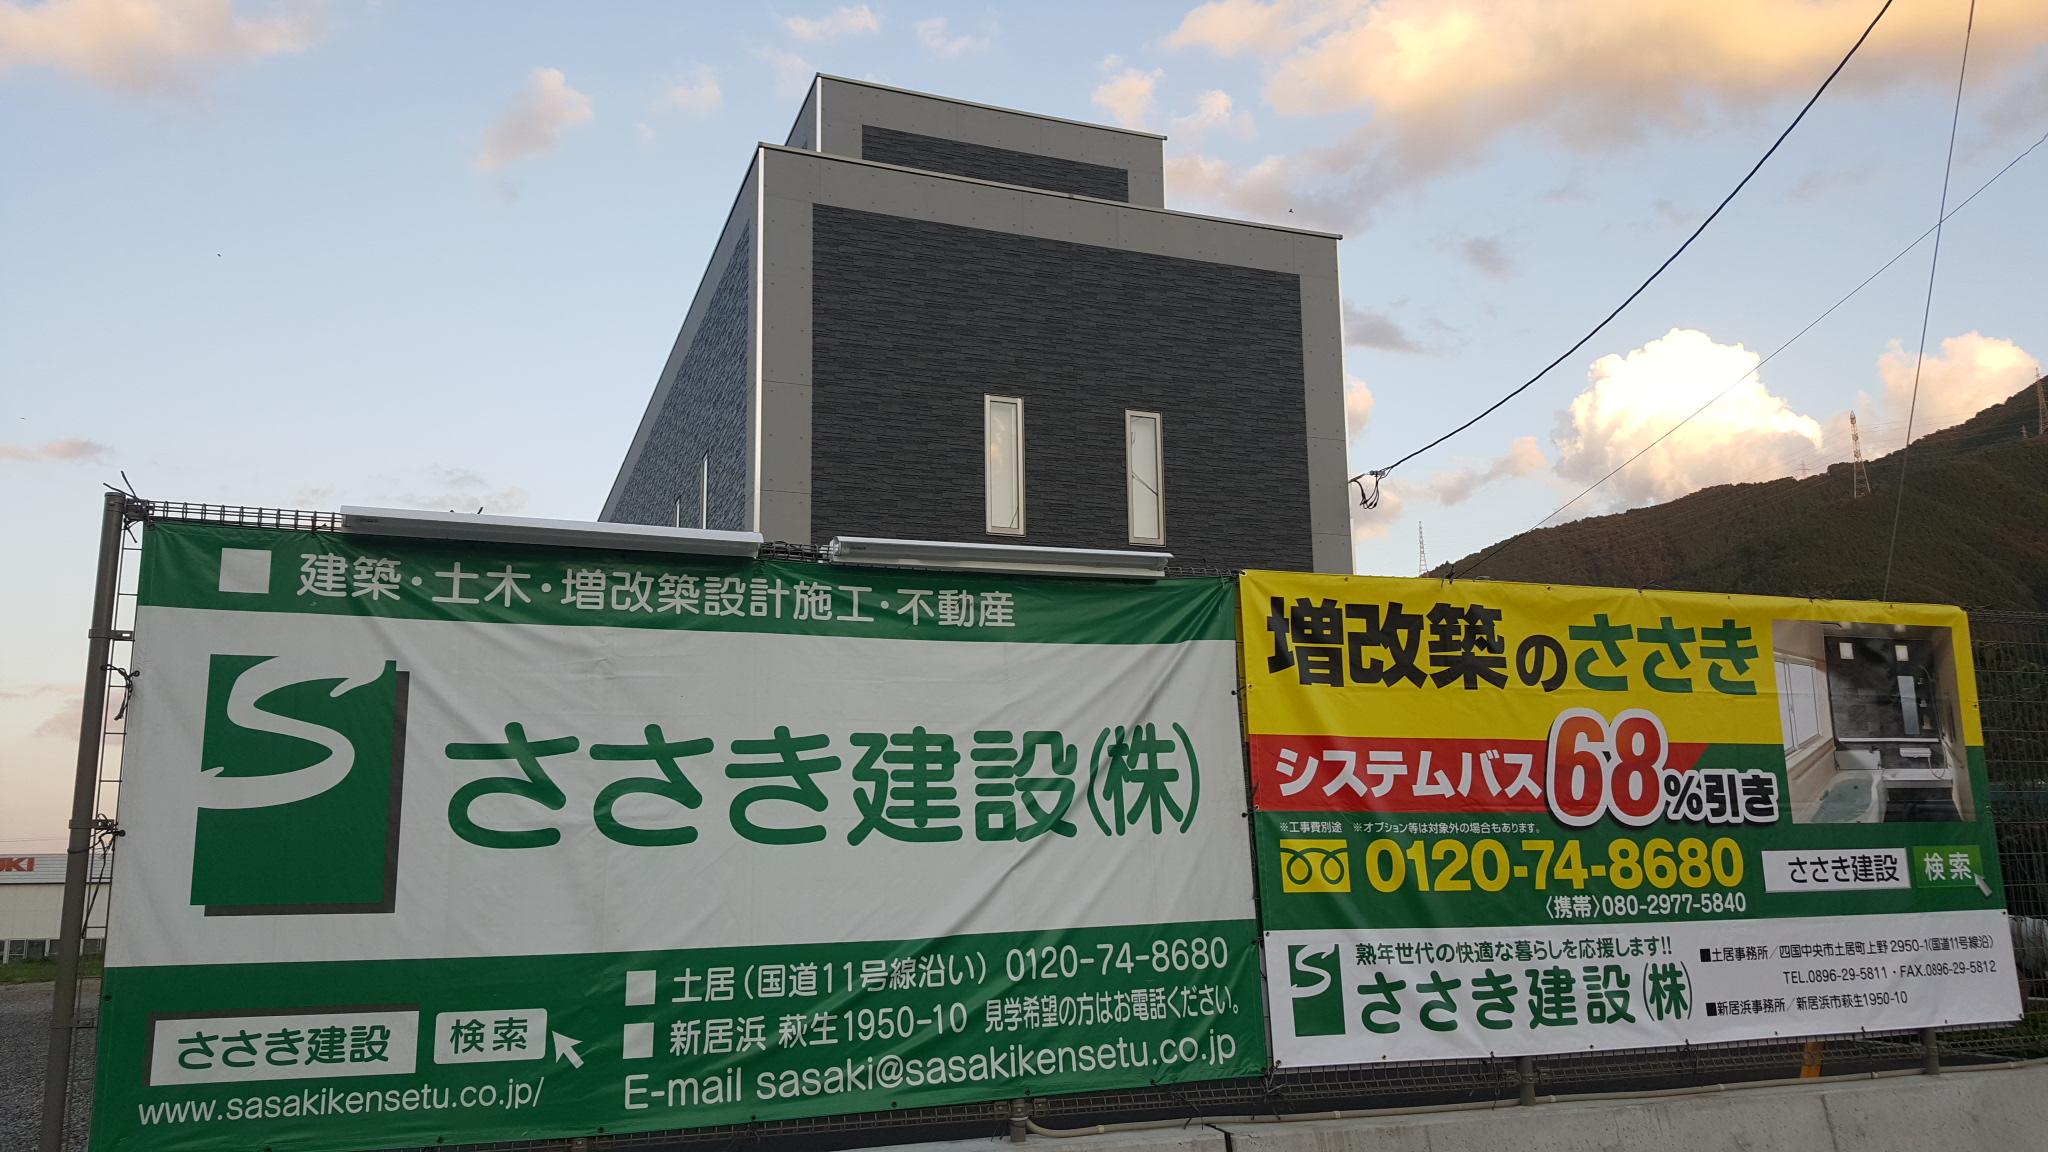 四国中央市で増築の看板写真